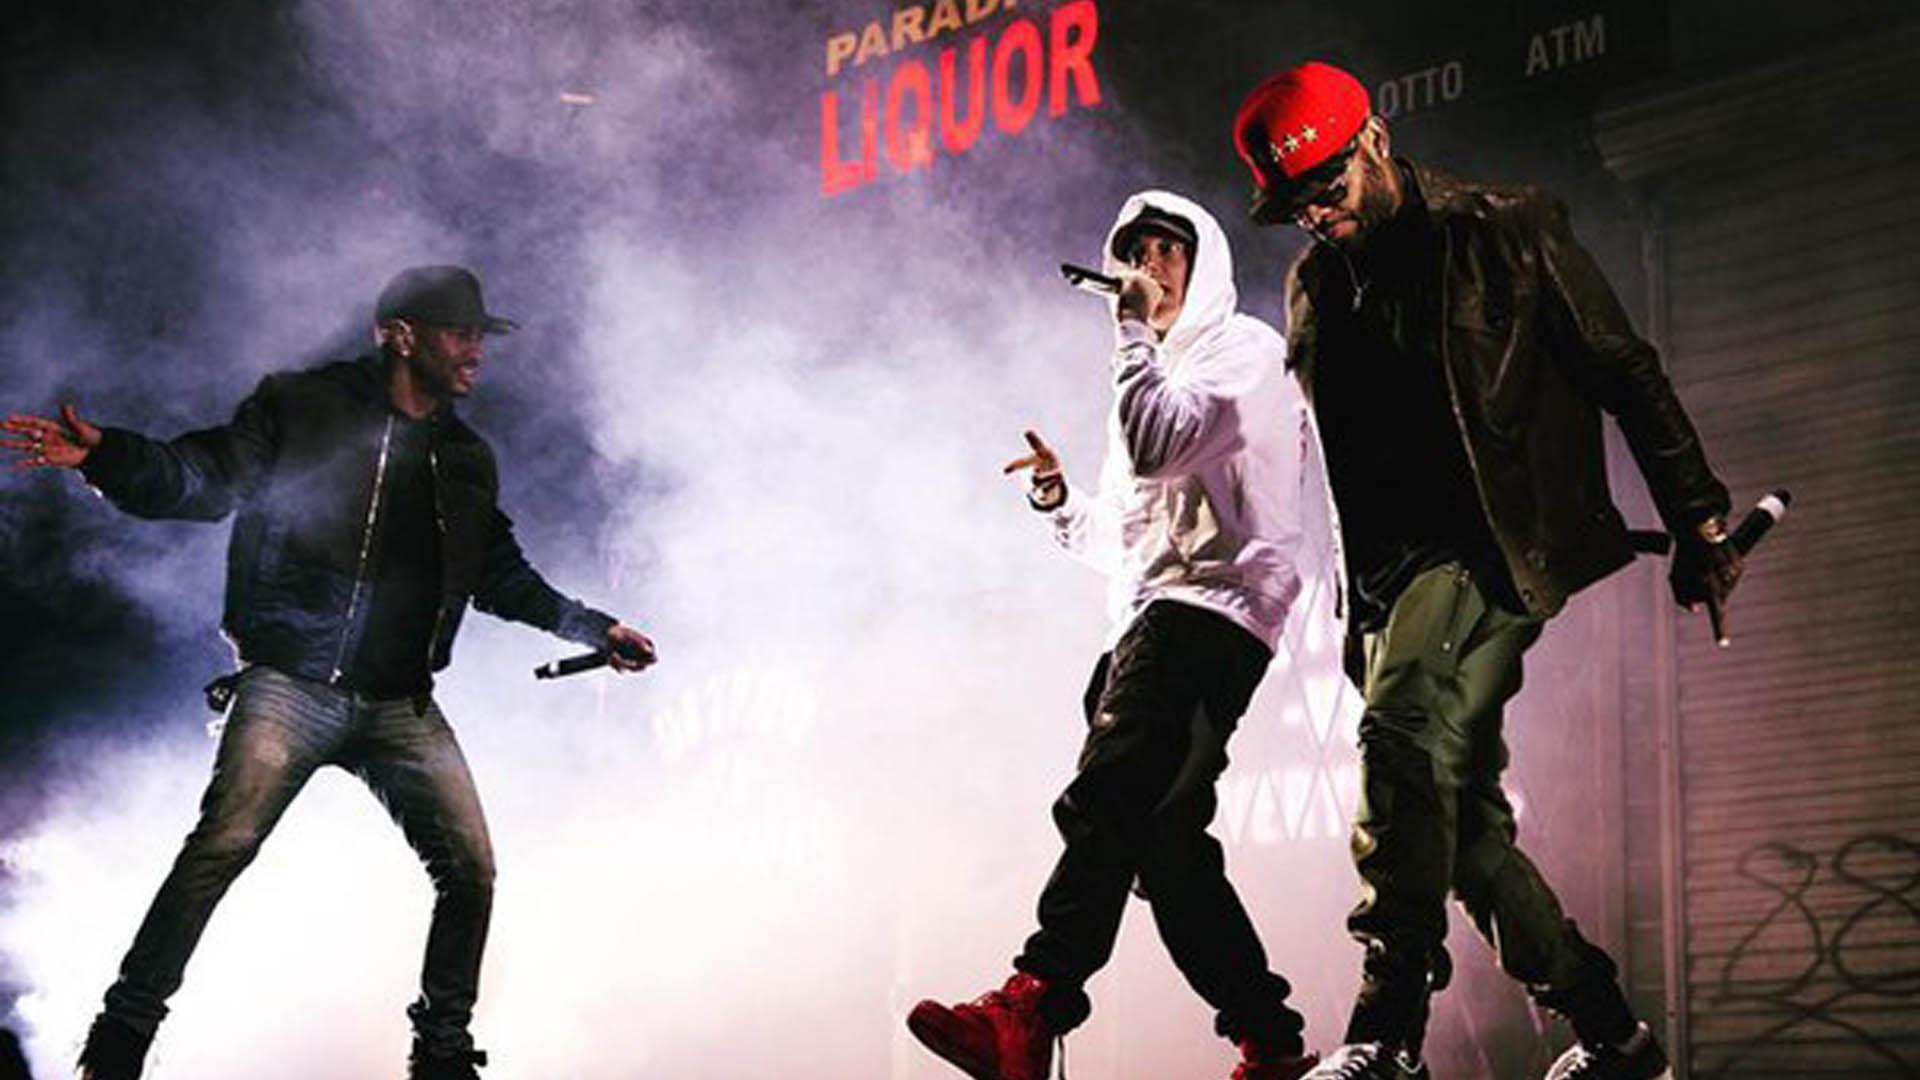 2015.11.06 - Eminem Big Sean Royce at Joe Louis Areba 7